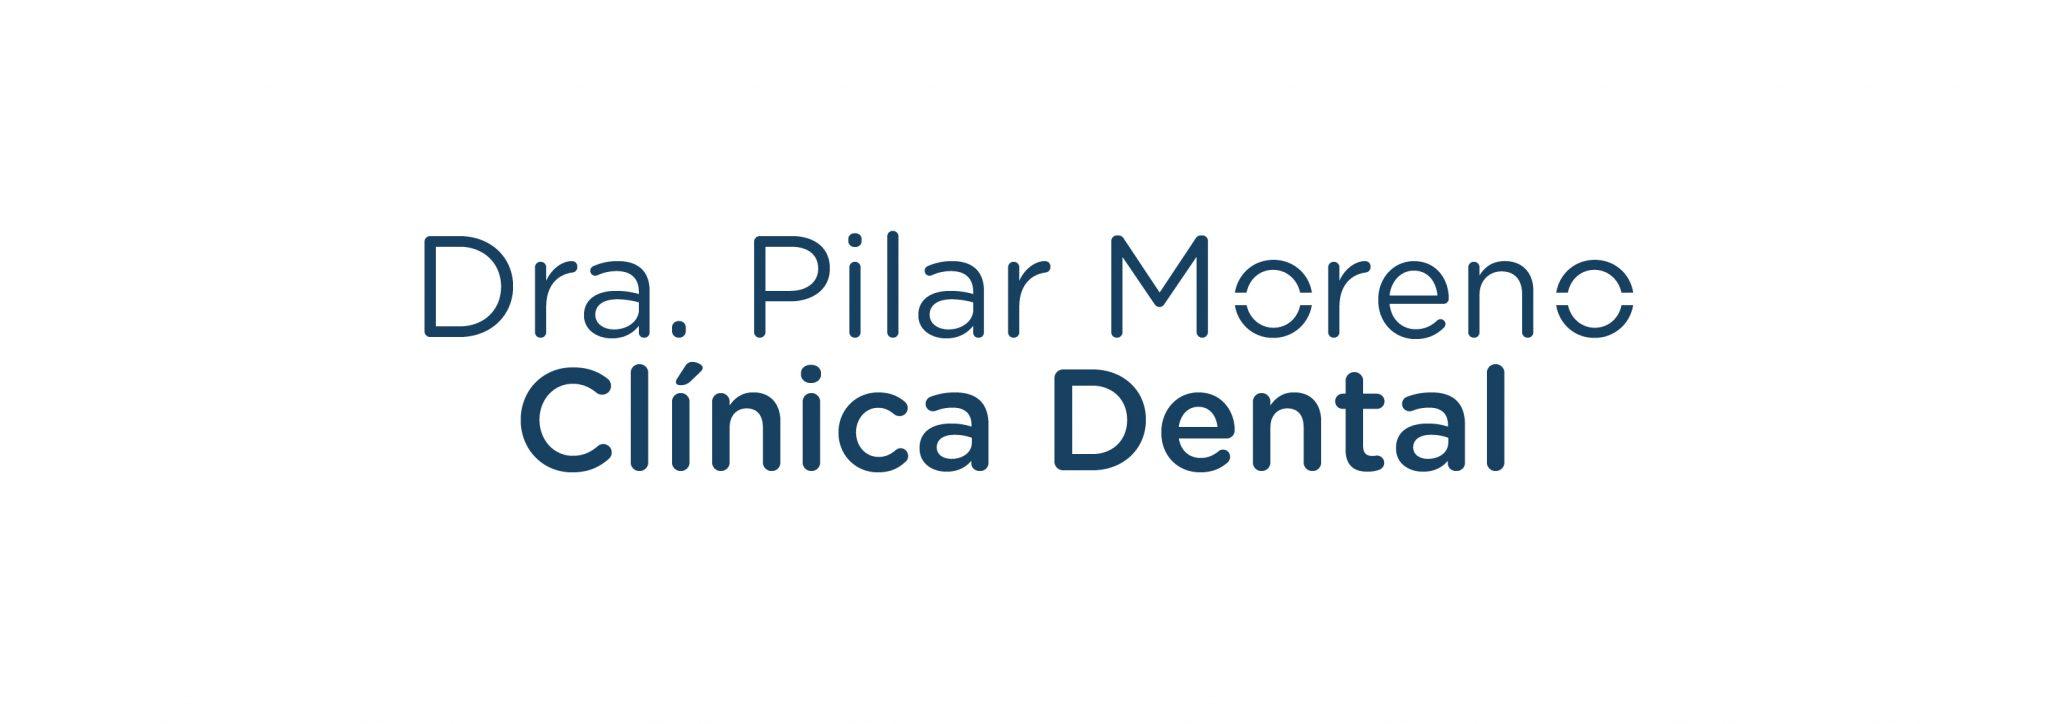 Identidad Corporativa Clínica dental Pilar Moreno